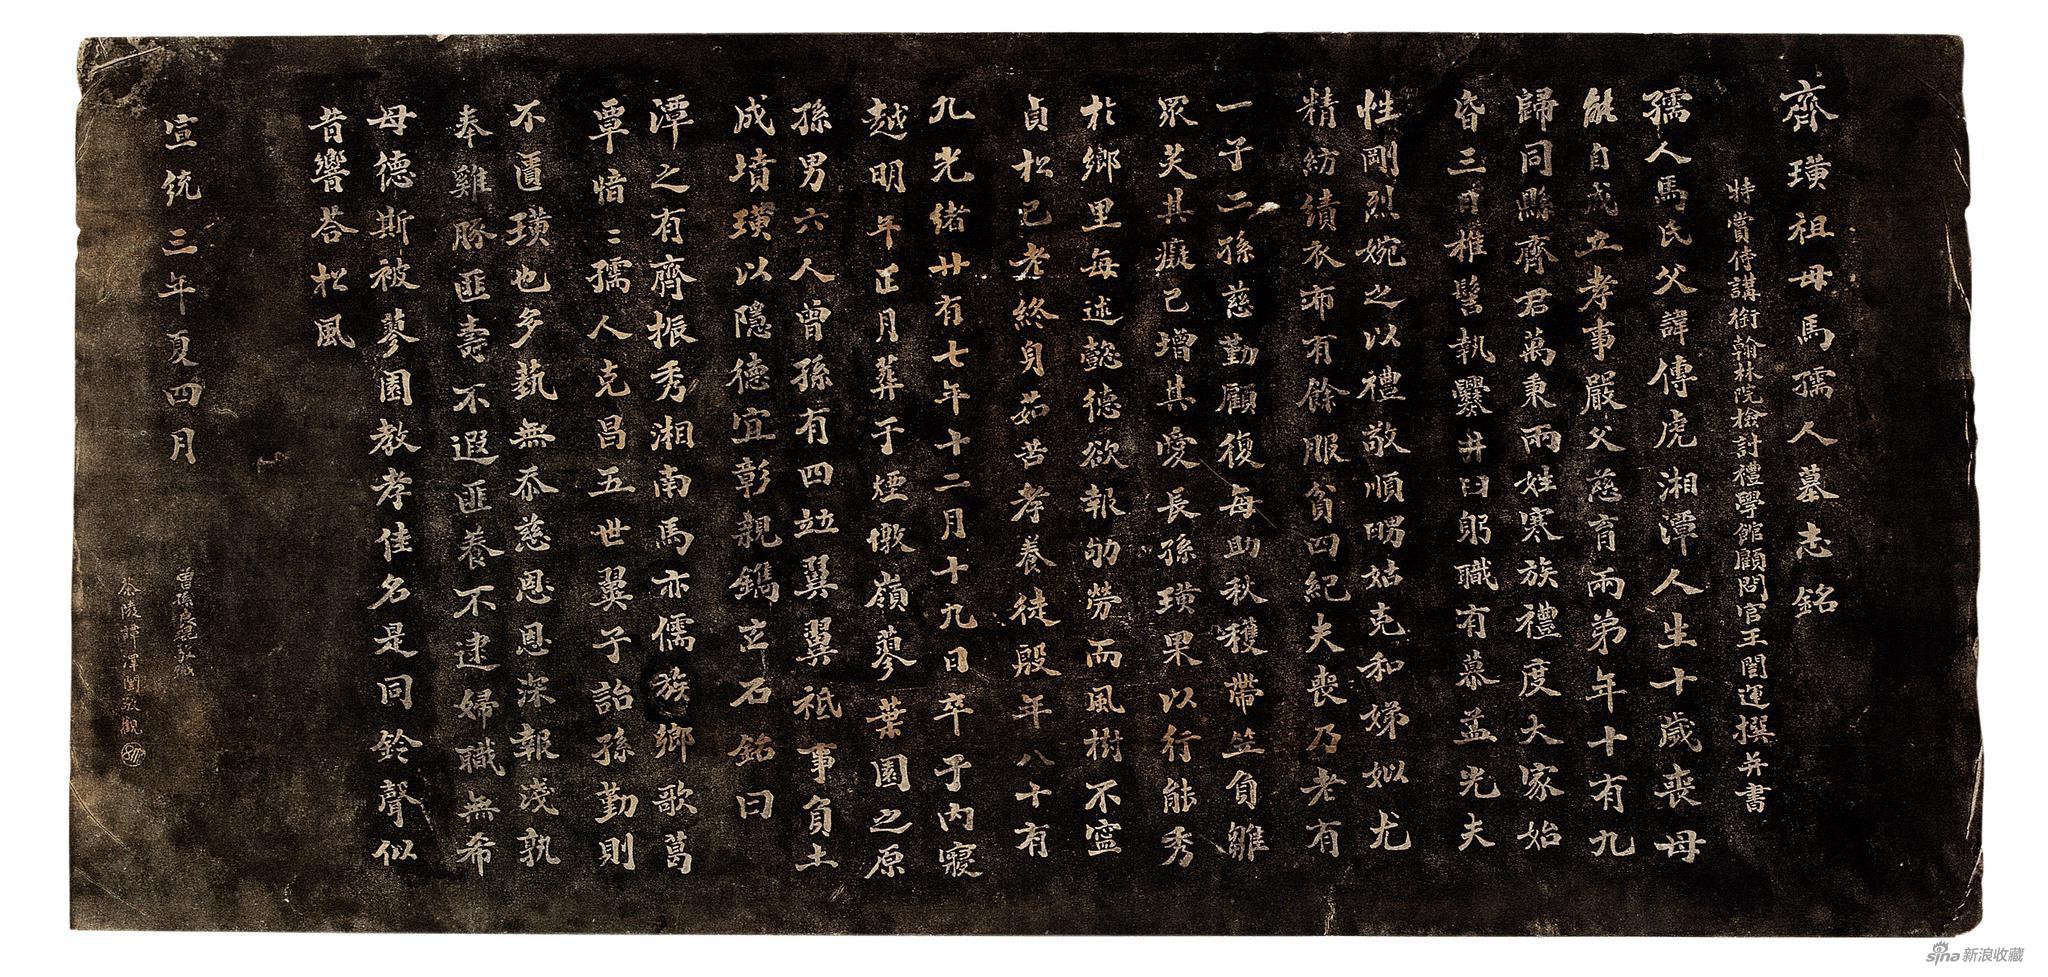 齐璜祖母马孺人墓志铭 王闿运书 齐白石刻 1911年 37×67cm 纸本拓片 北京画院藏